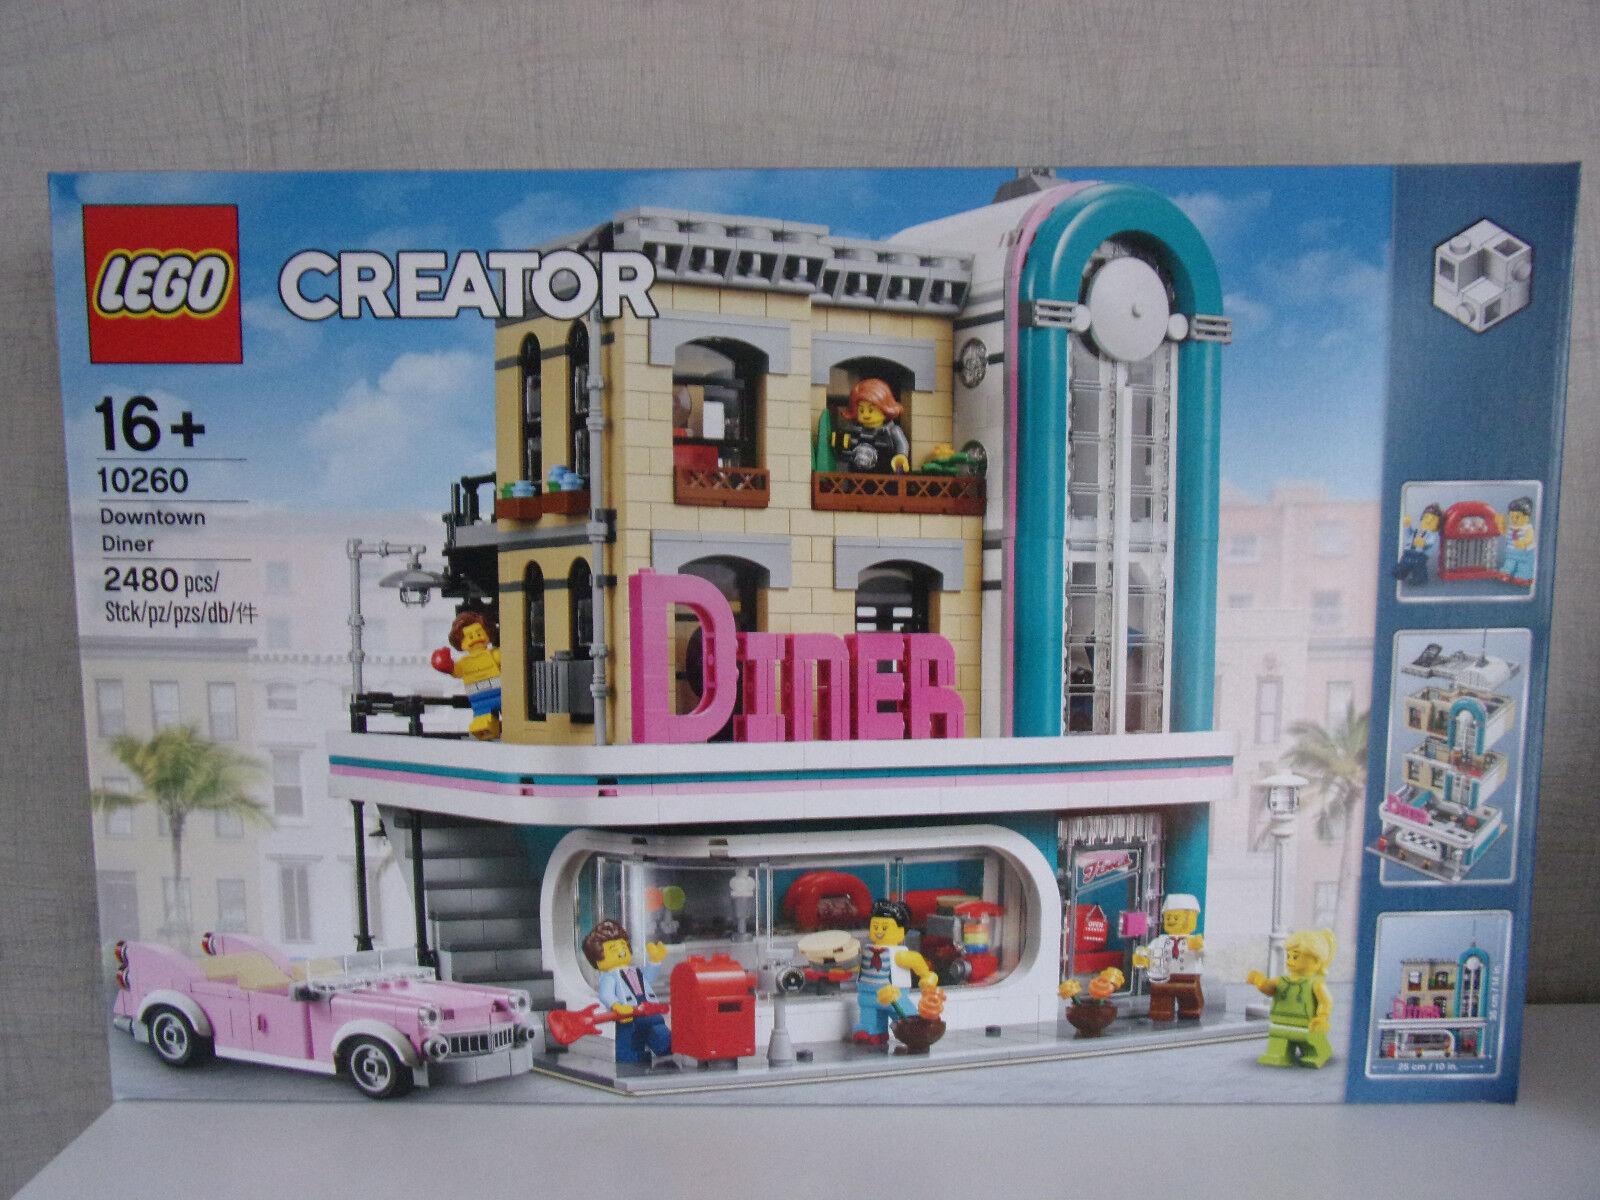 promozioni LEGO CREATOR 10260 10260 10260 DOWNTOWN Diner (americana Diner) - NUOVO & OVP  esclusivo